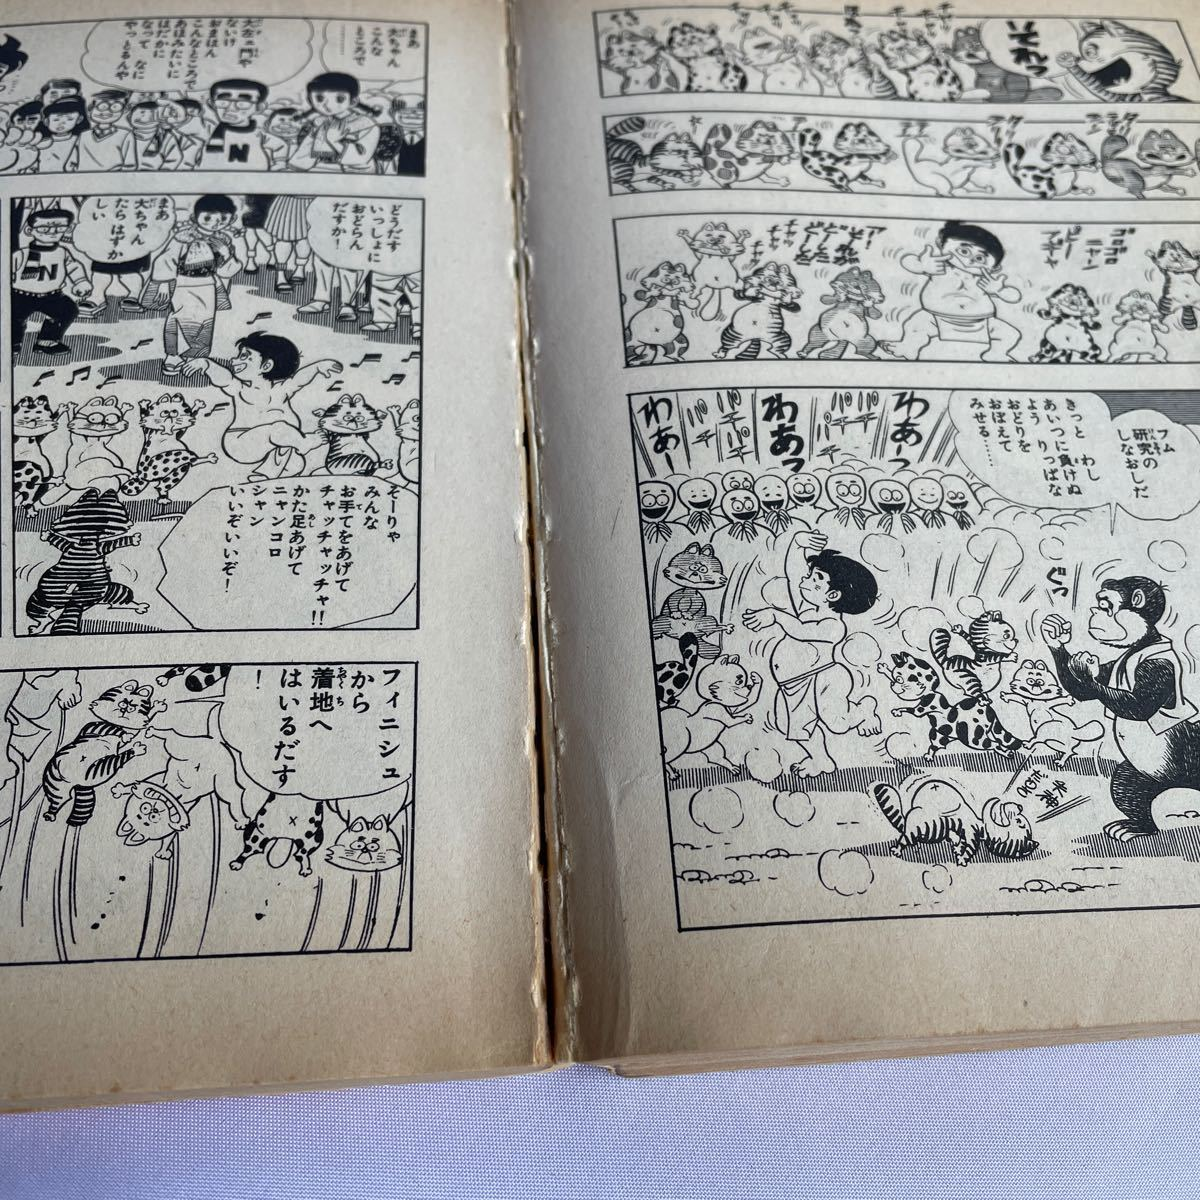 漫画 本 いなかっぺ大将 全巻 4冊